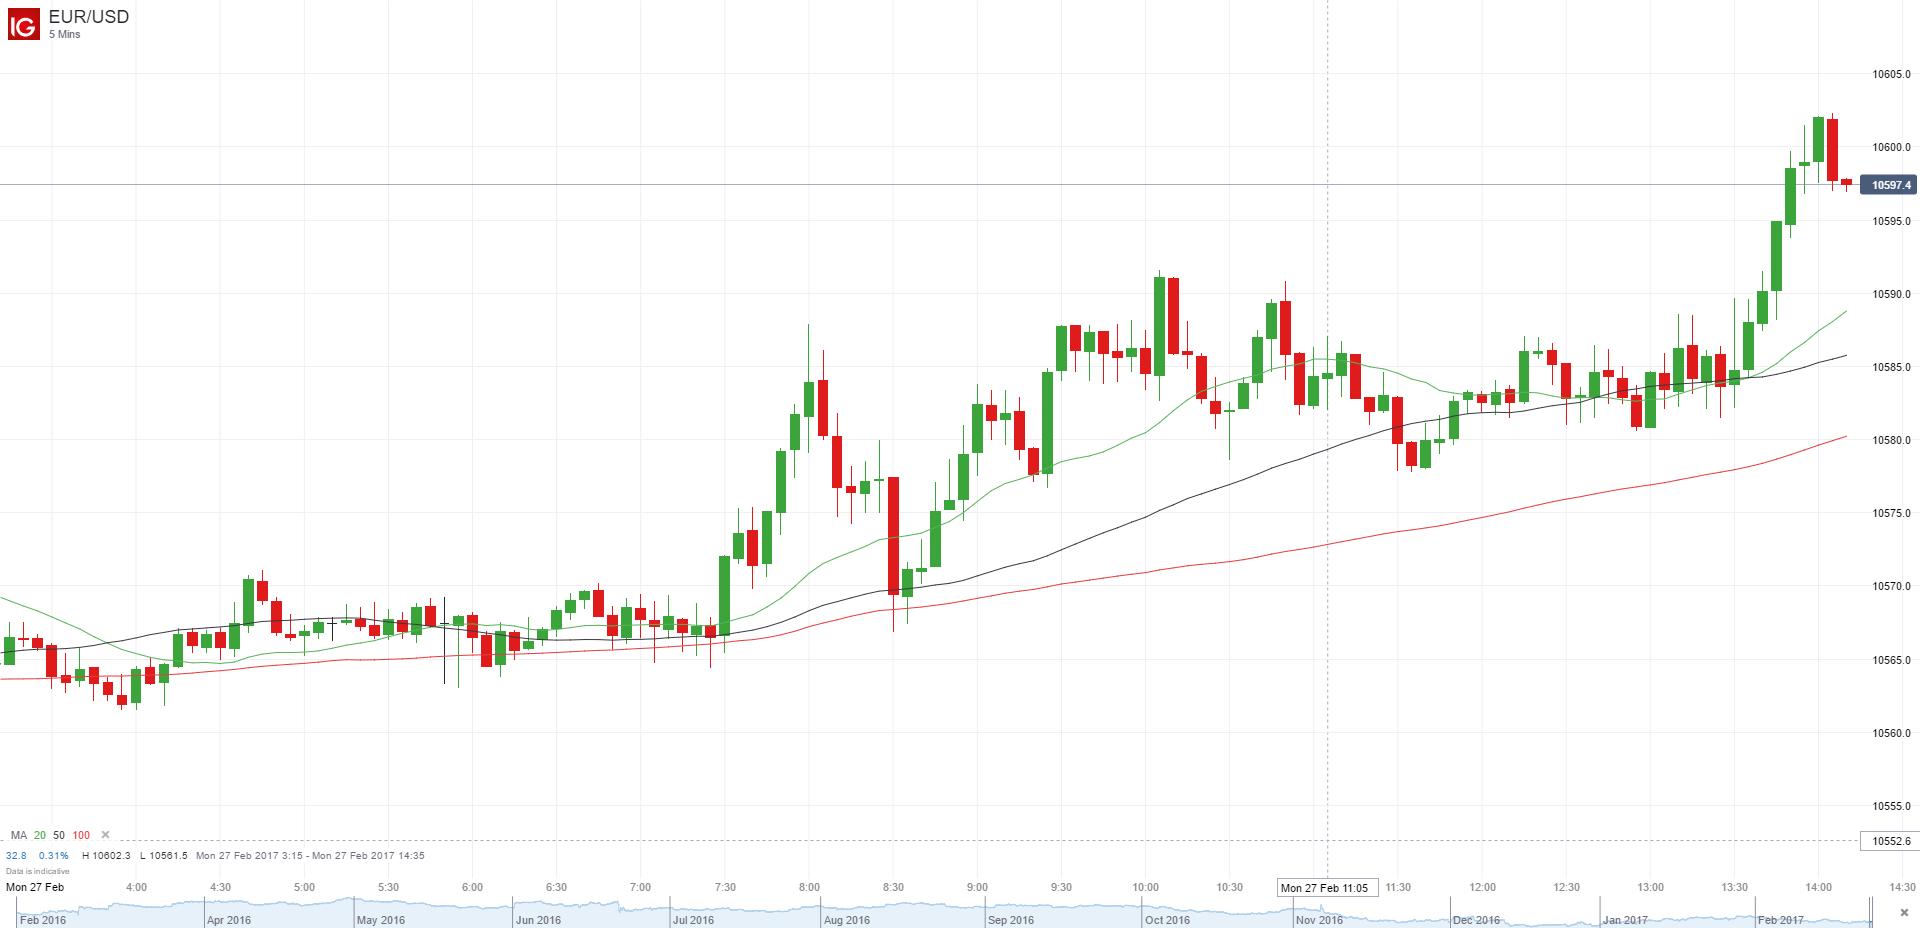 EUR/USD continúa su ascenso a pesar de un repunte en los pedidos de bienes duraderos en EE.UU.